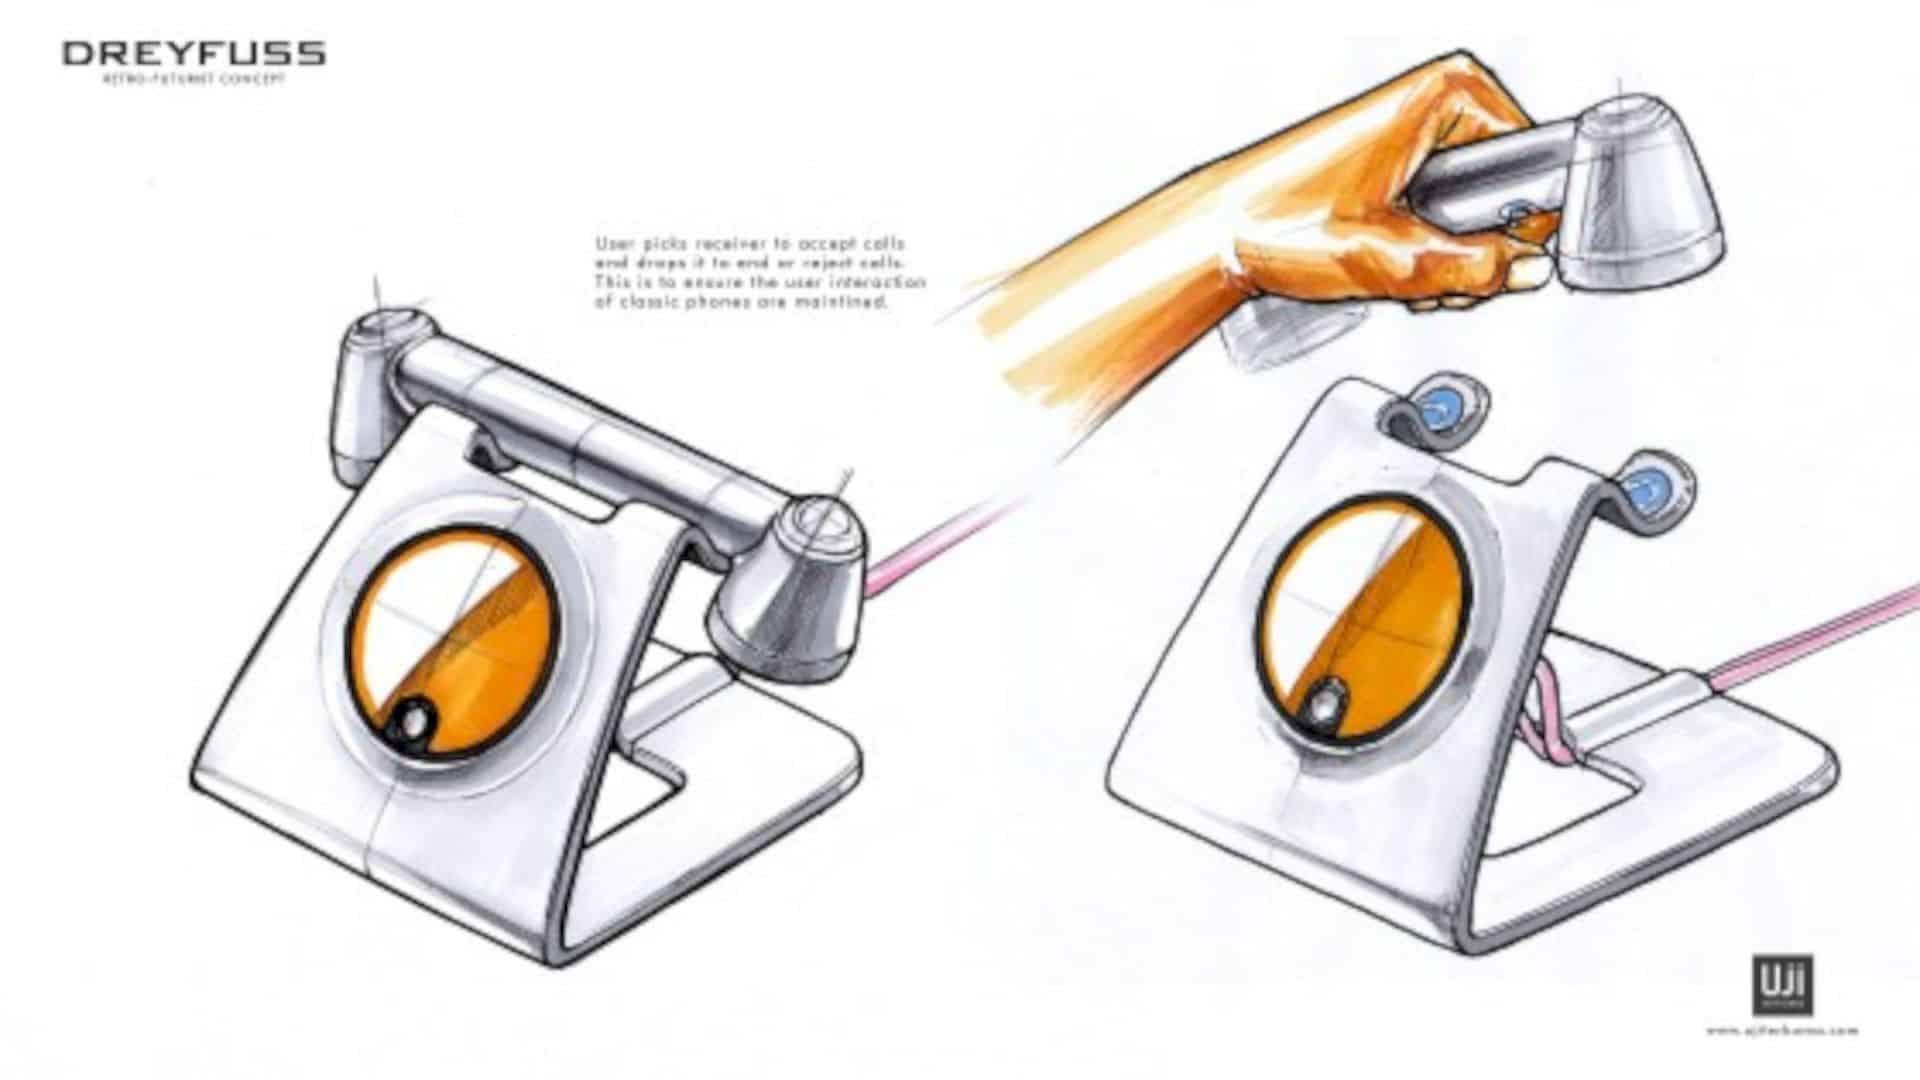 Dreyfuss Retro Futurist Concept 6